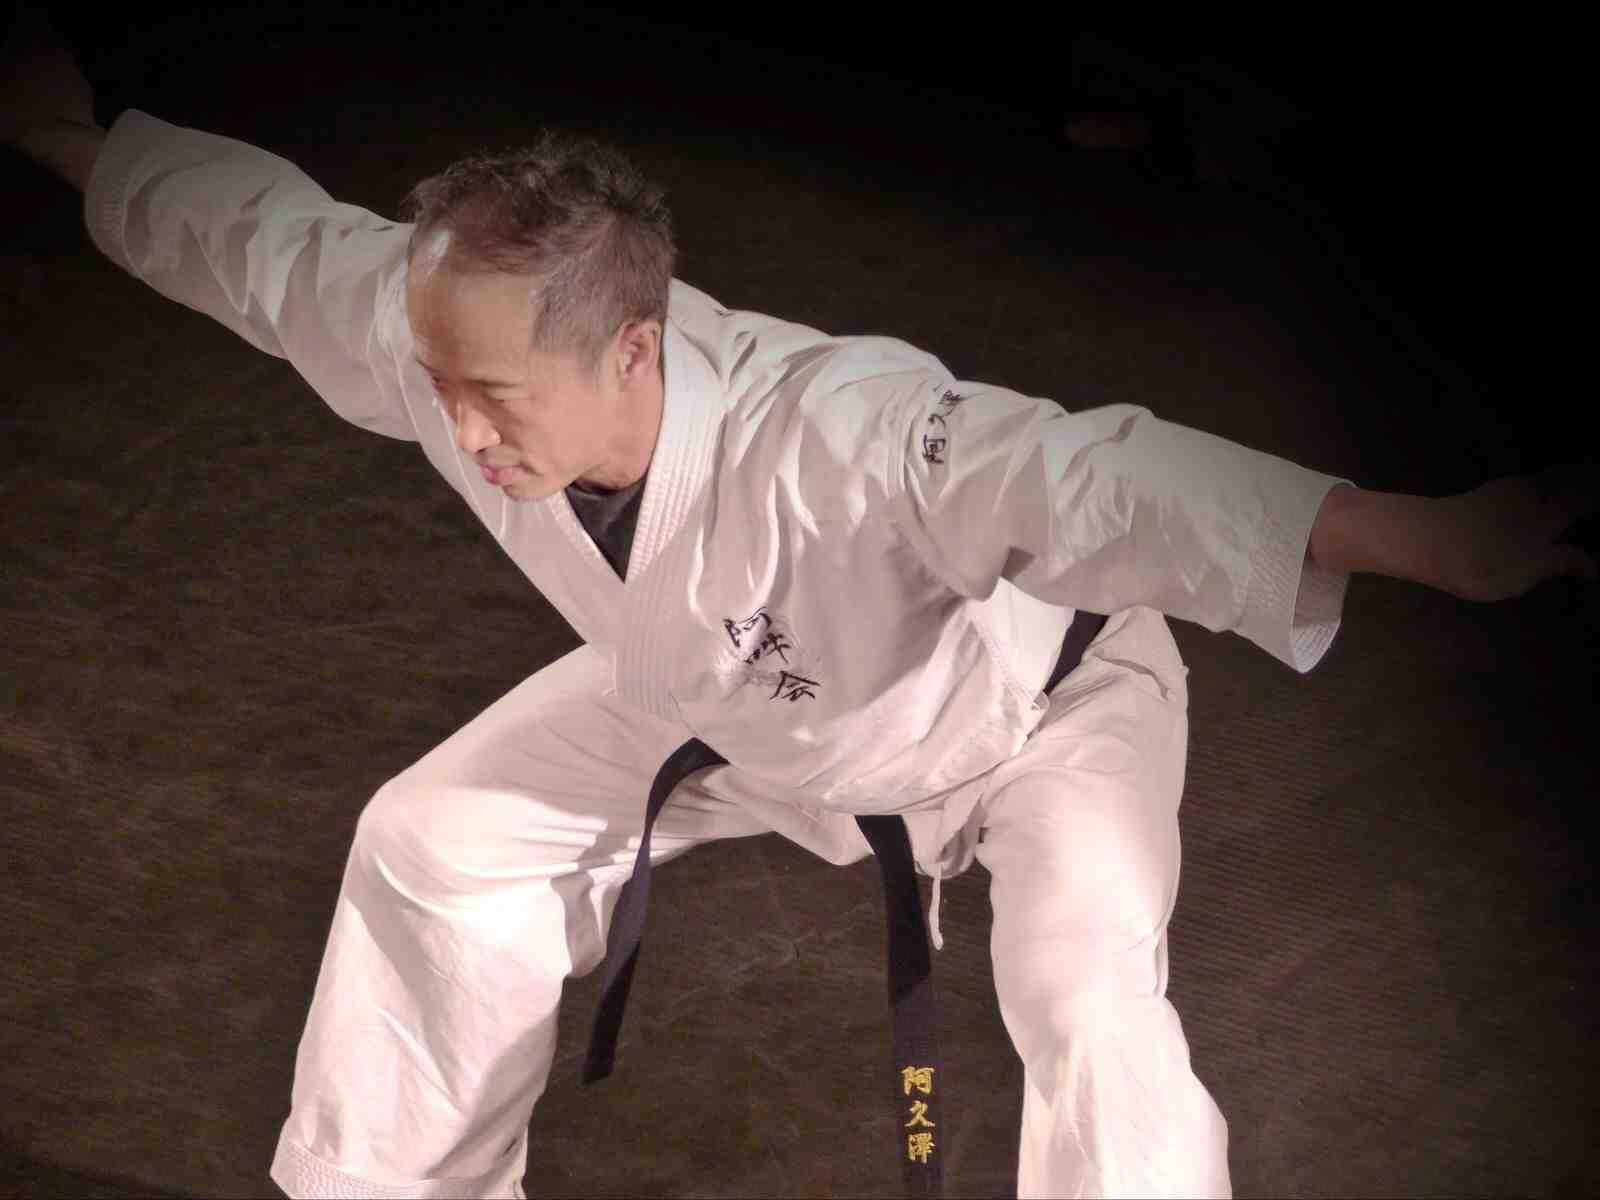 Quel art martial choisir à 40 ans?